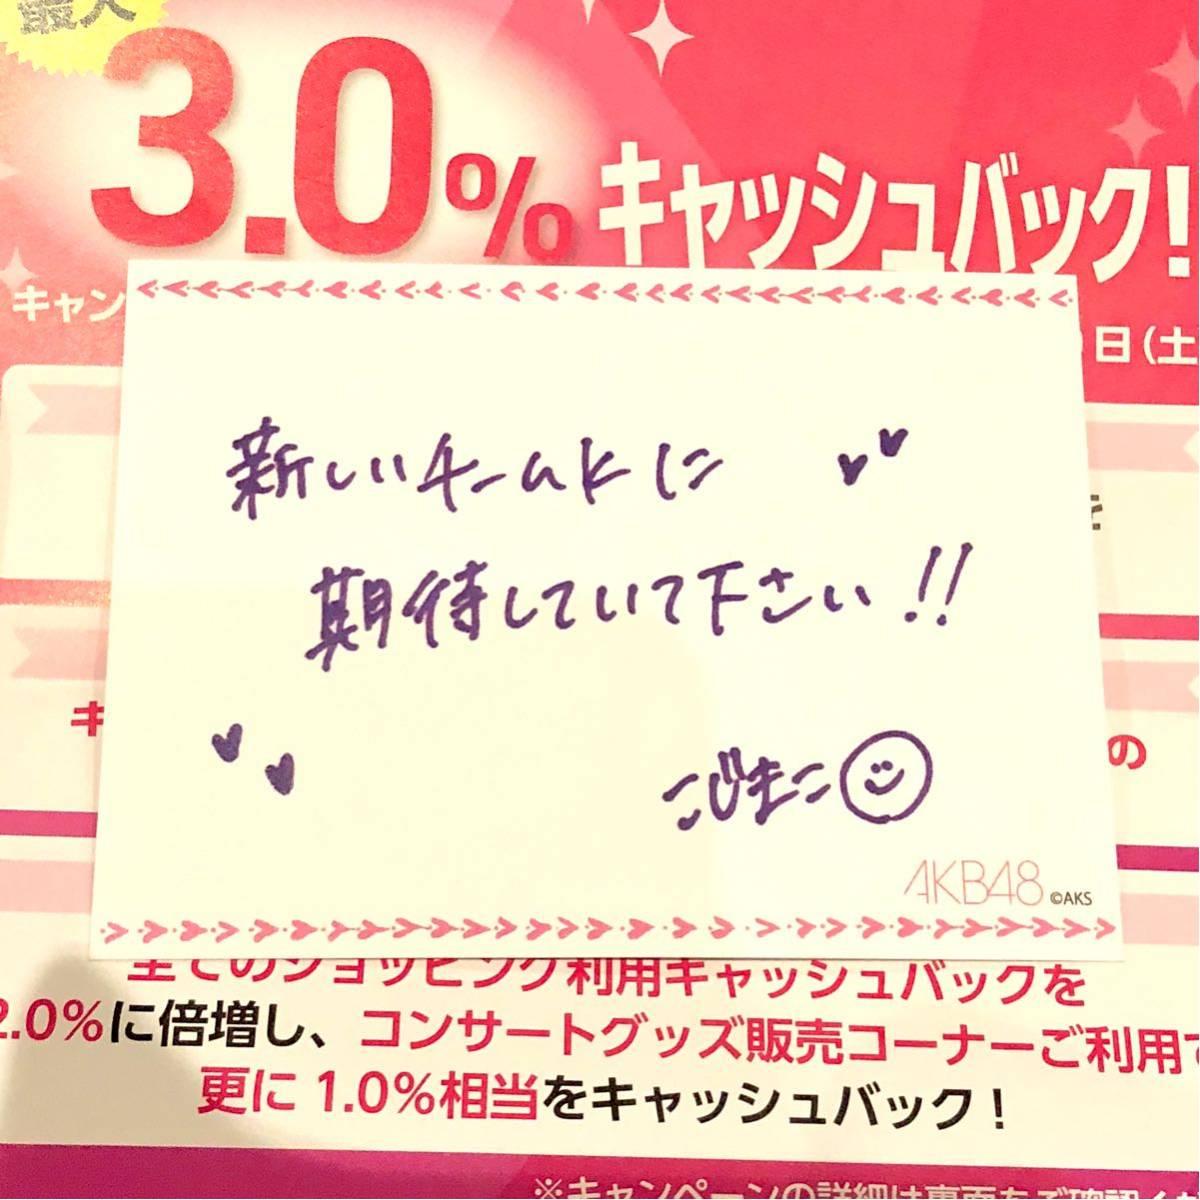 ●AKB48 小嶋真子 SSA 単独 メッセージカード ジャーバージャって何? さいたまスーパーアリーナ 限定 こじまこ